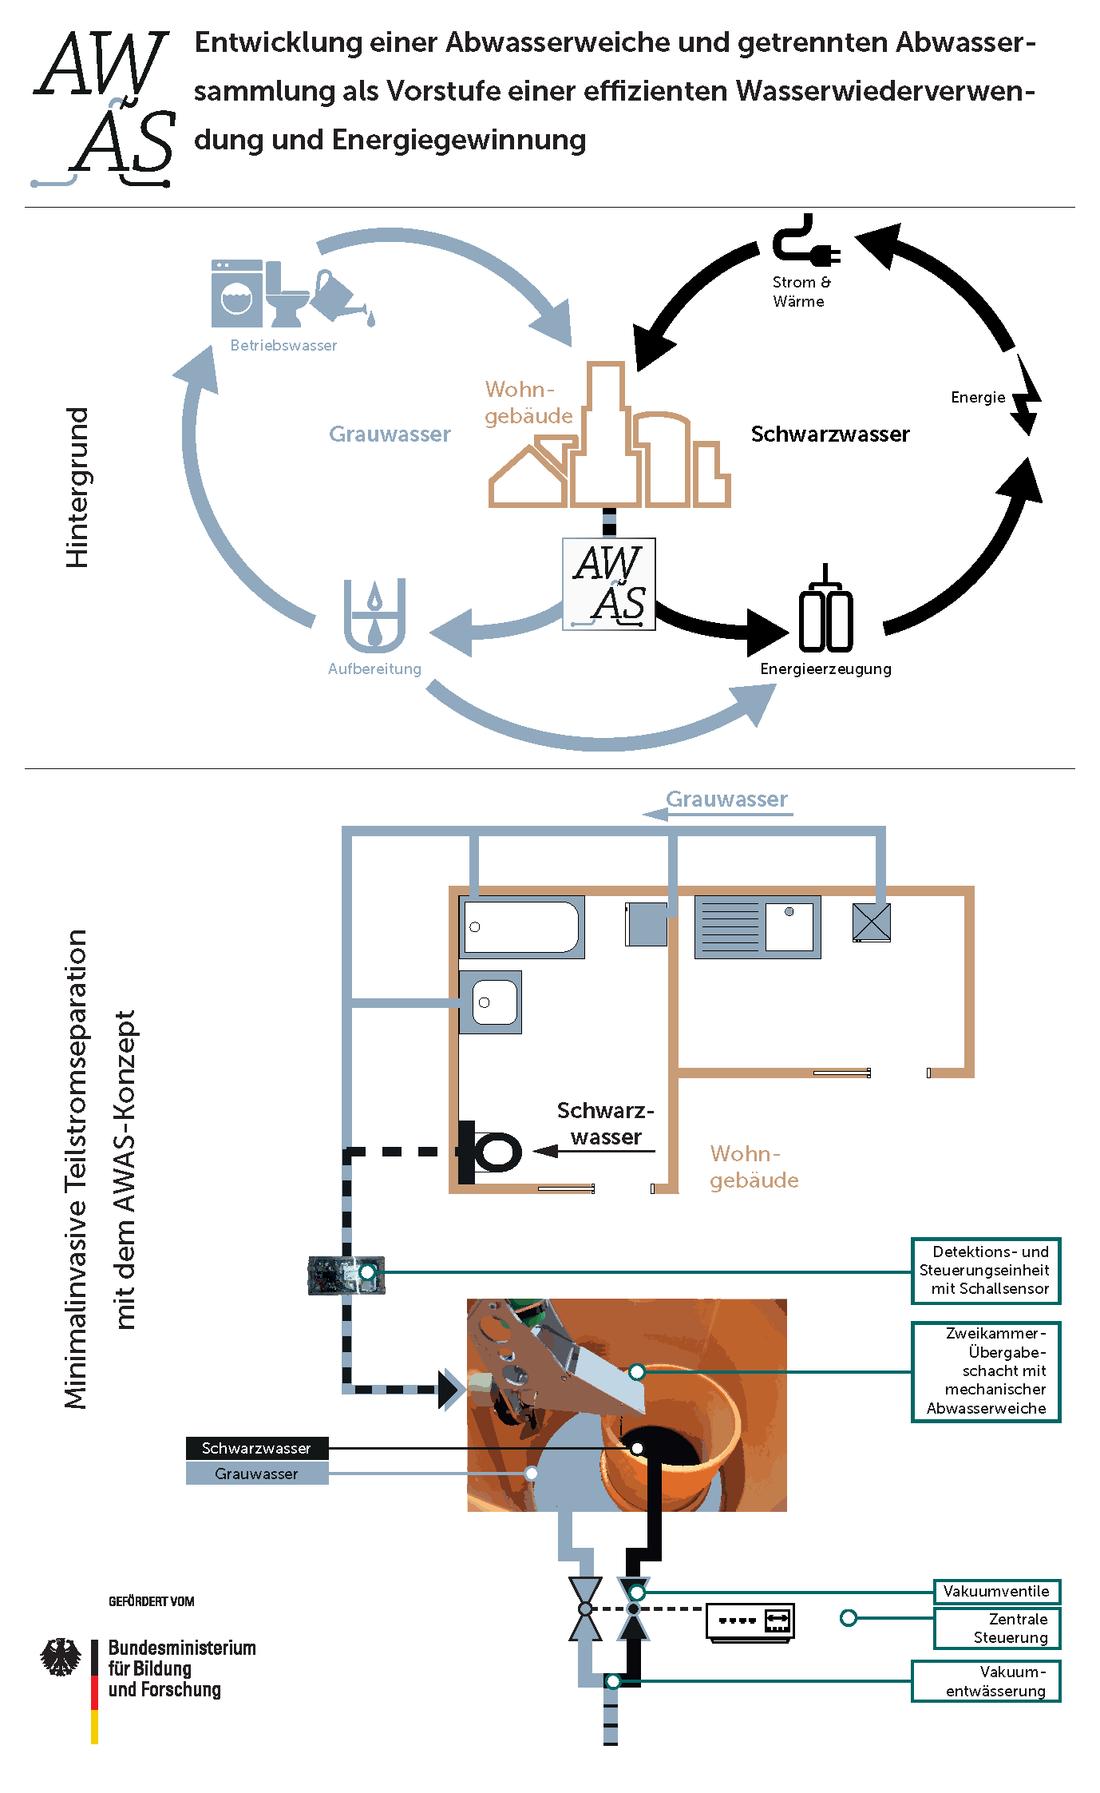 Die Grafik zeigt die Zielstellung der gezielten getrennten Behandlung von quellseparierten Abwasserströmen sowie die Umsetzung der sequenziellen Abwasserseparation im Baubestand mit dem AWAS-Konzept.